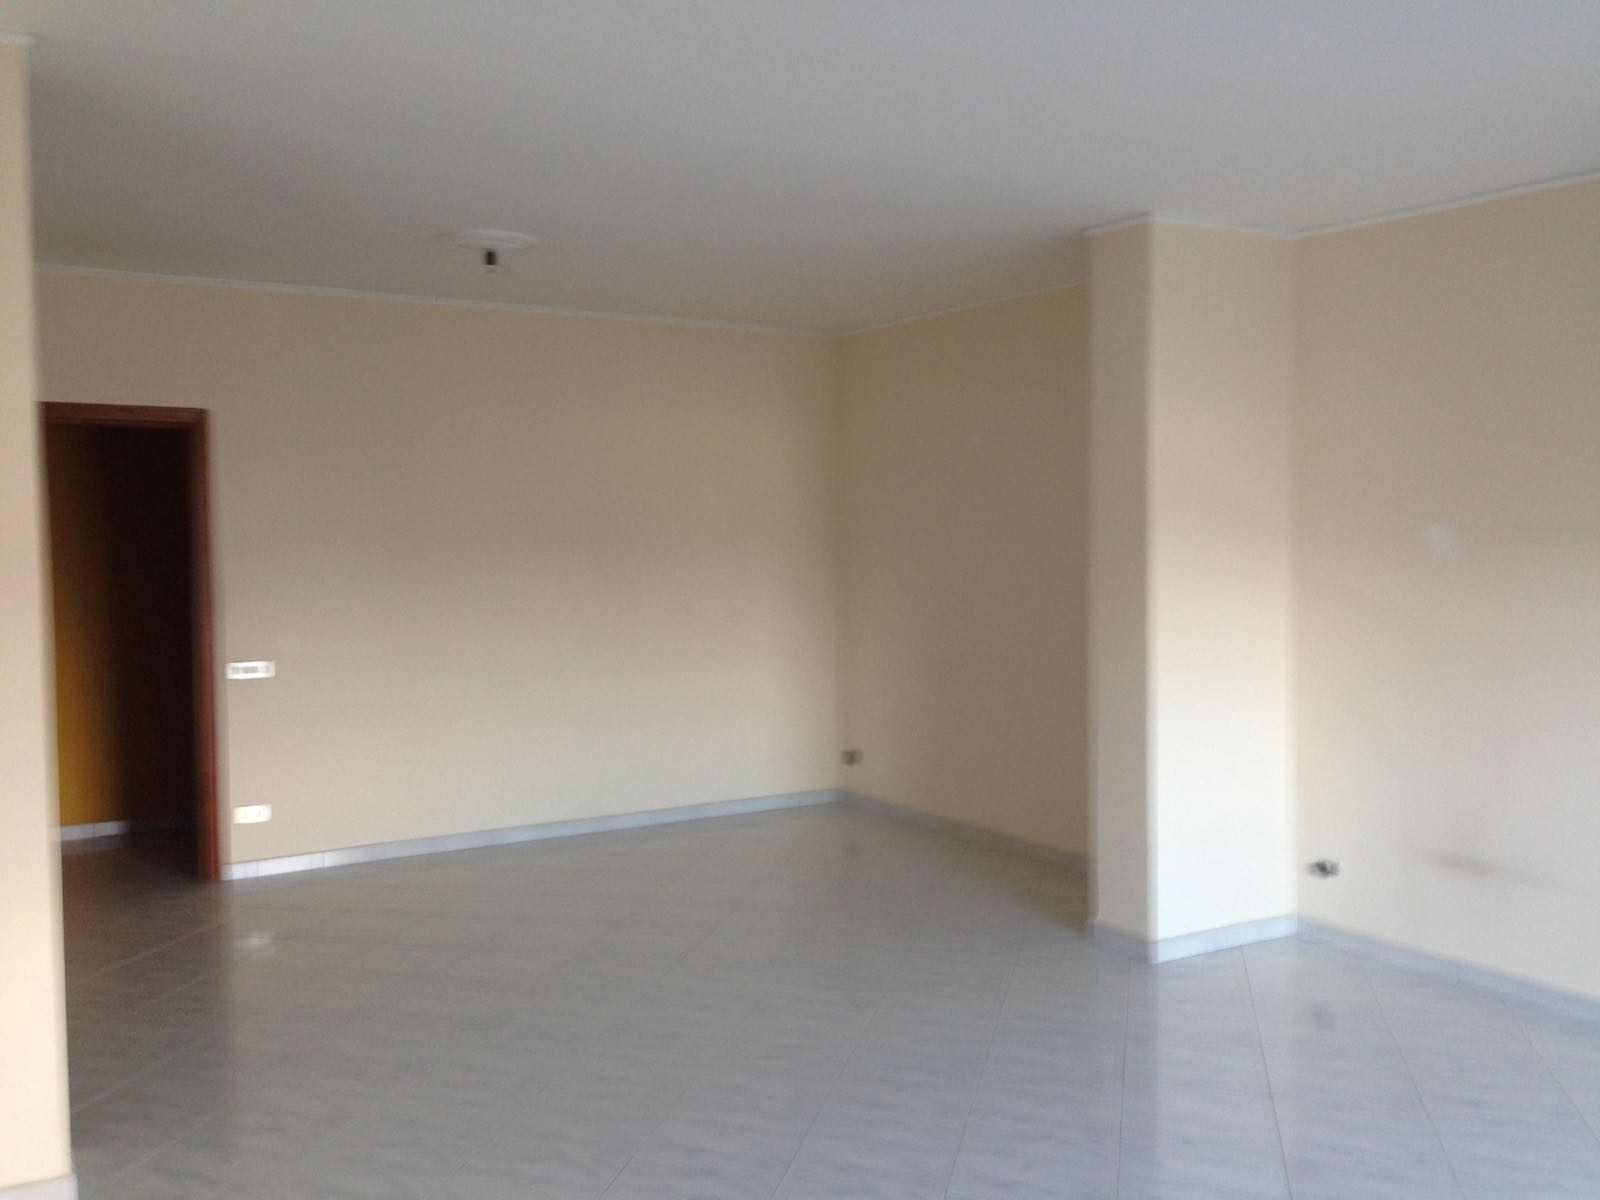 Appartamento in affitto a Ottaviano, 4 locali, prezzo € 650 | CambioCasa.it